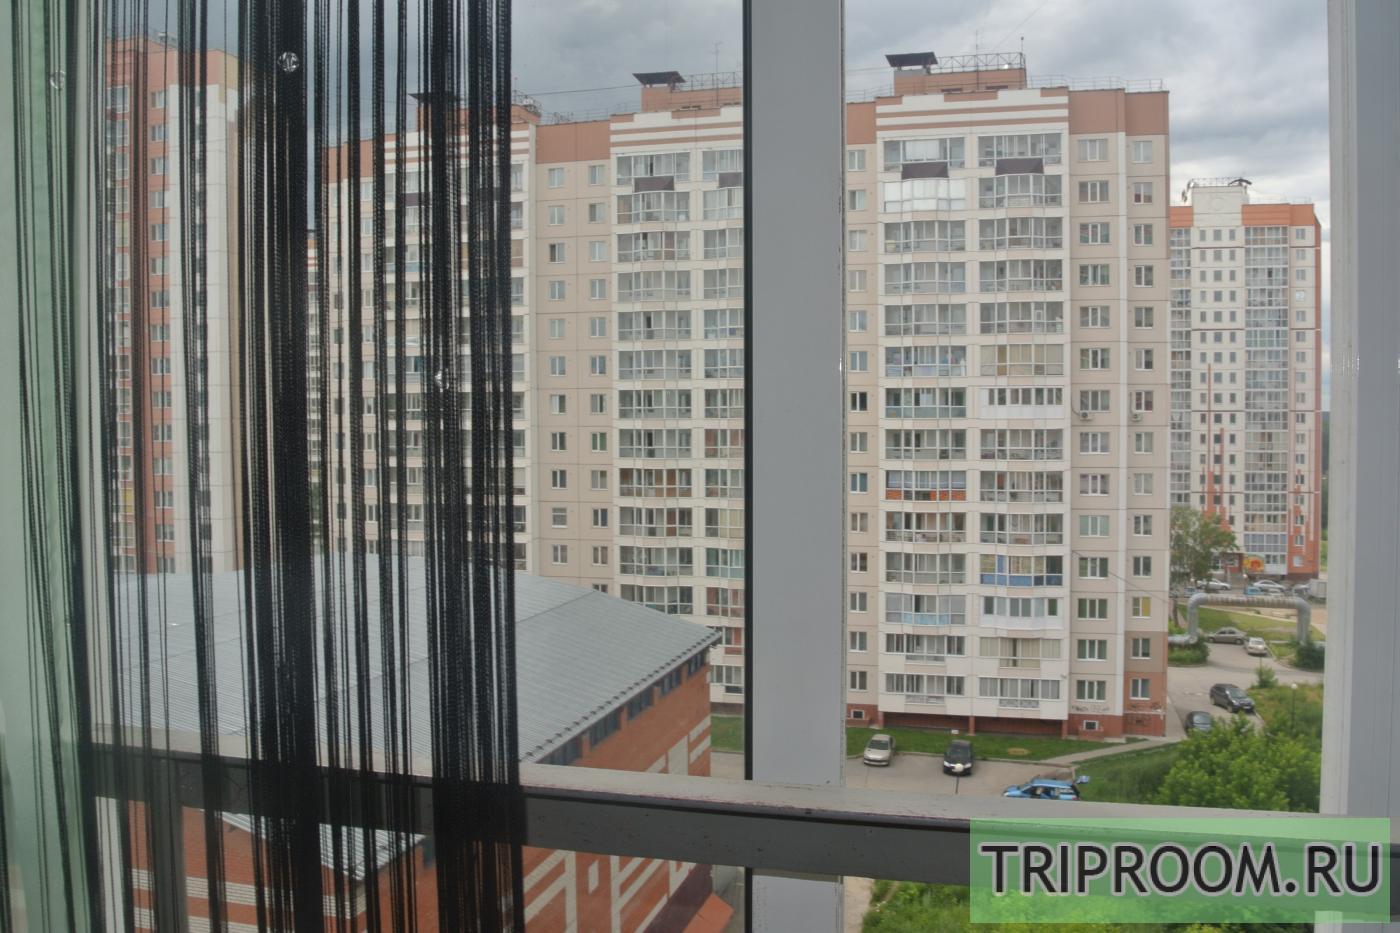 1-комнатная квартира посуточно (вариант № 9470), ул. Степана Разина улица, фото № 8